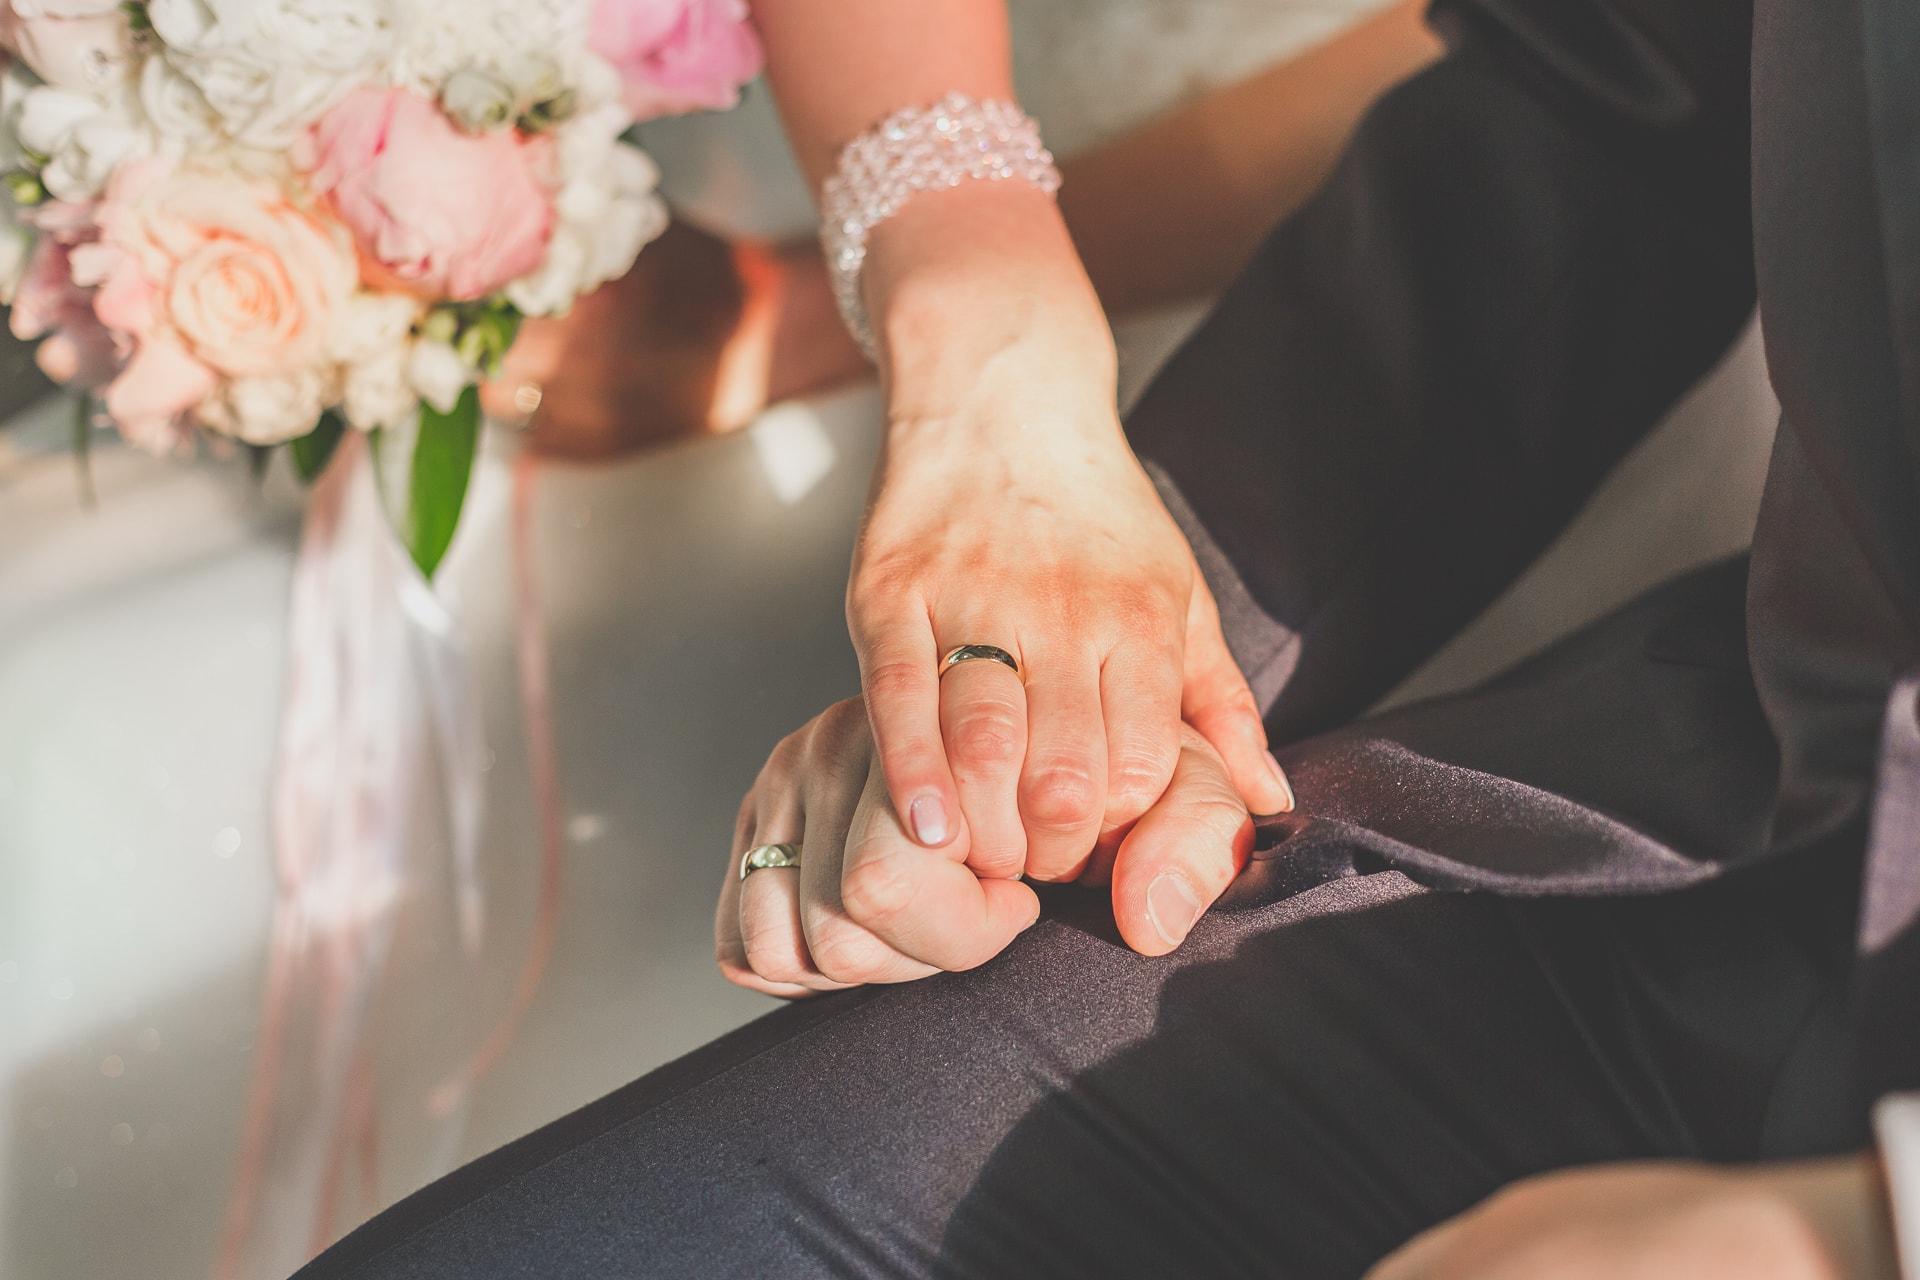 Reportaż ślubny - detal dłonie nowożeńców